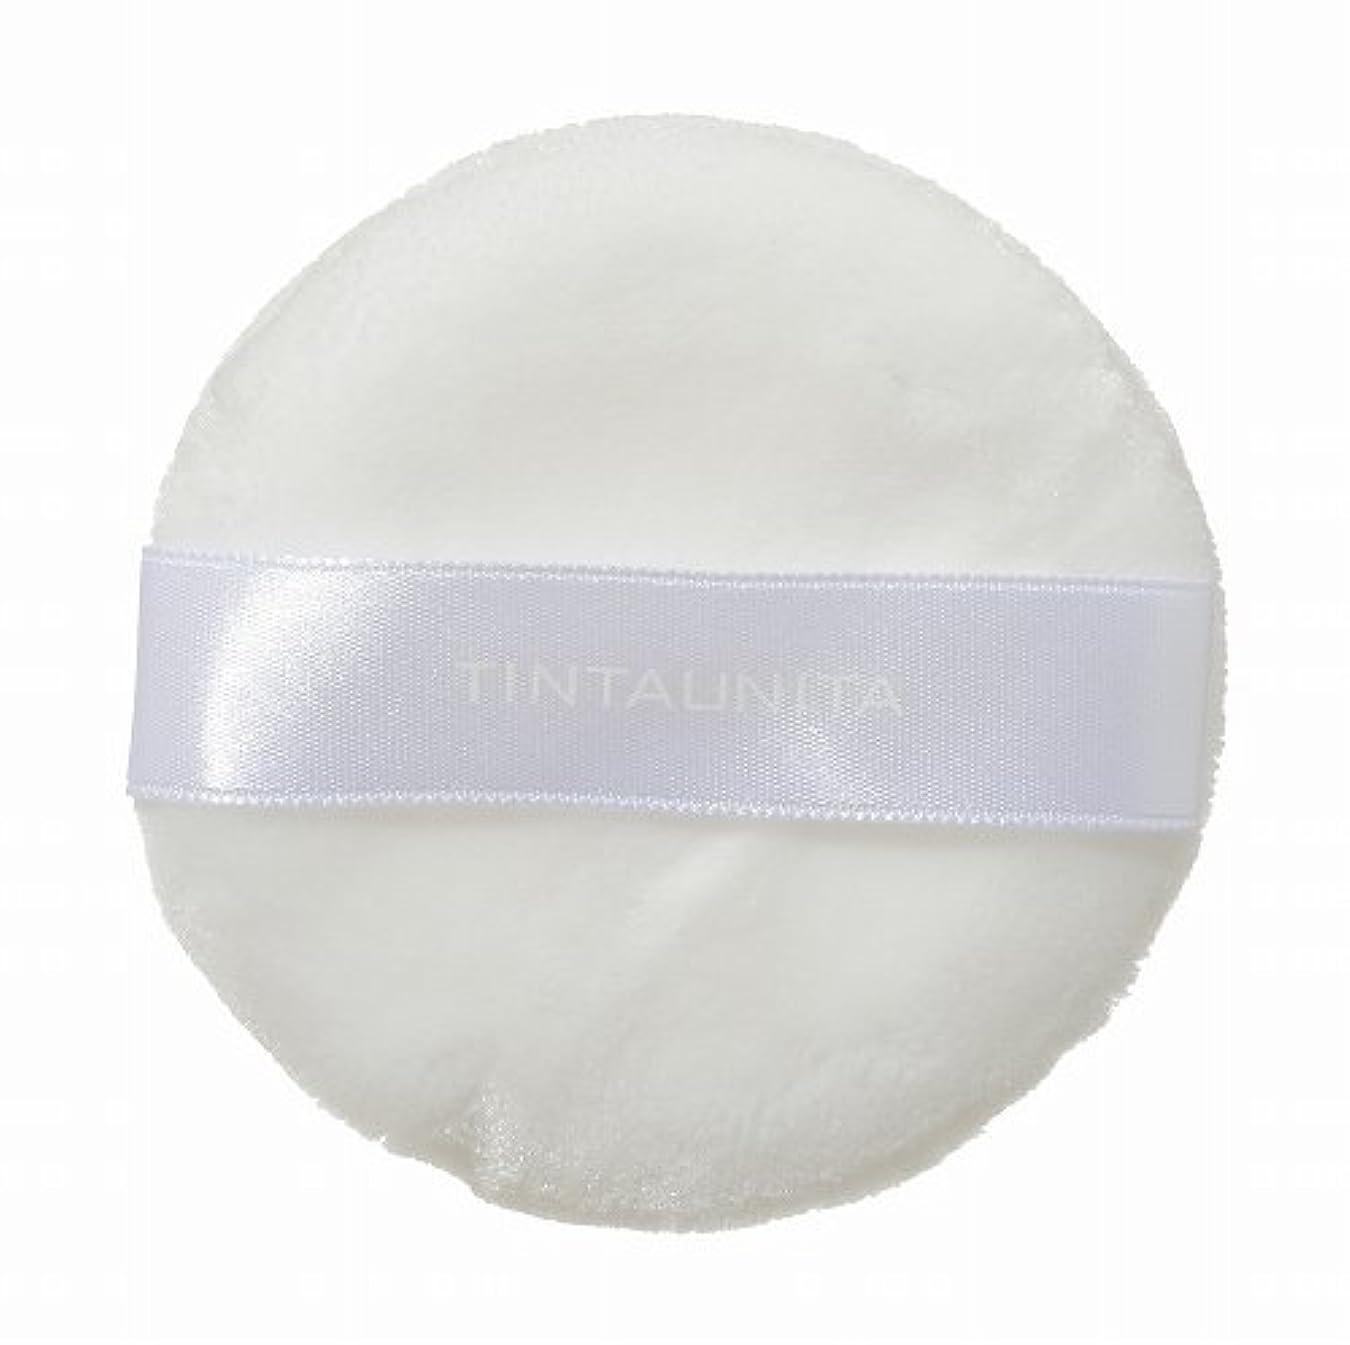 設計洗う貝殻TINTAUNITA 4.5mmロングパイル パウダーパフ(日本製)